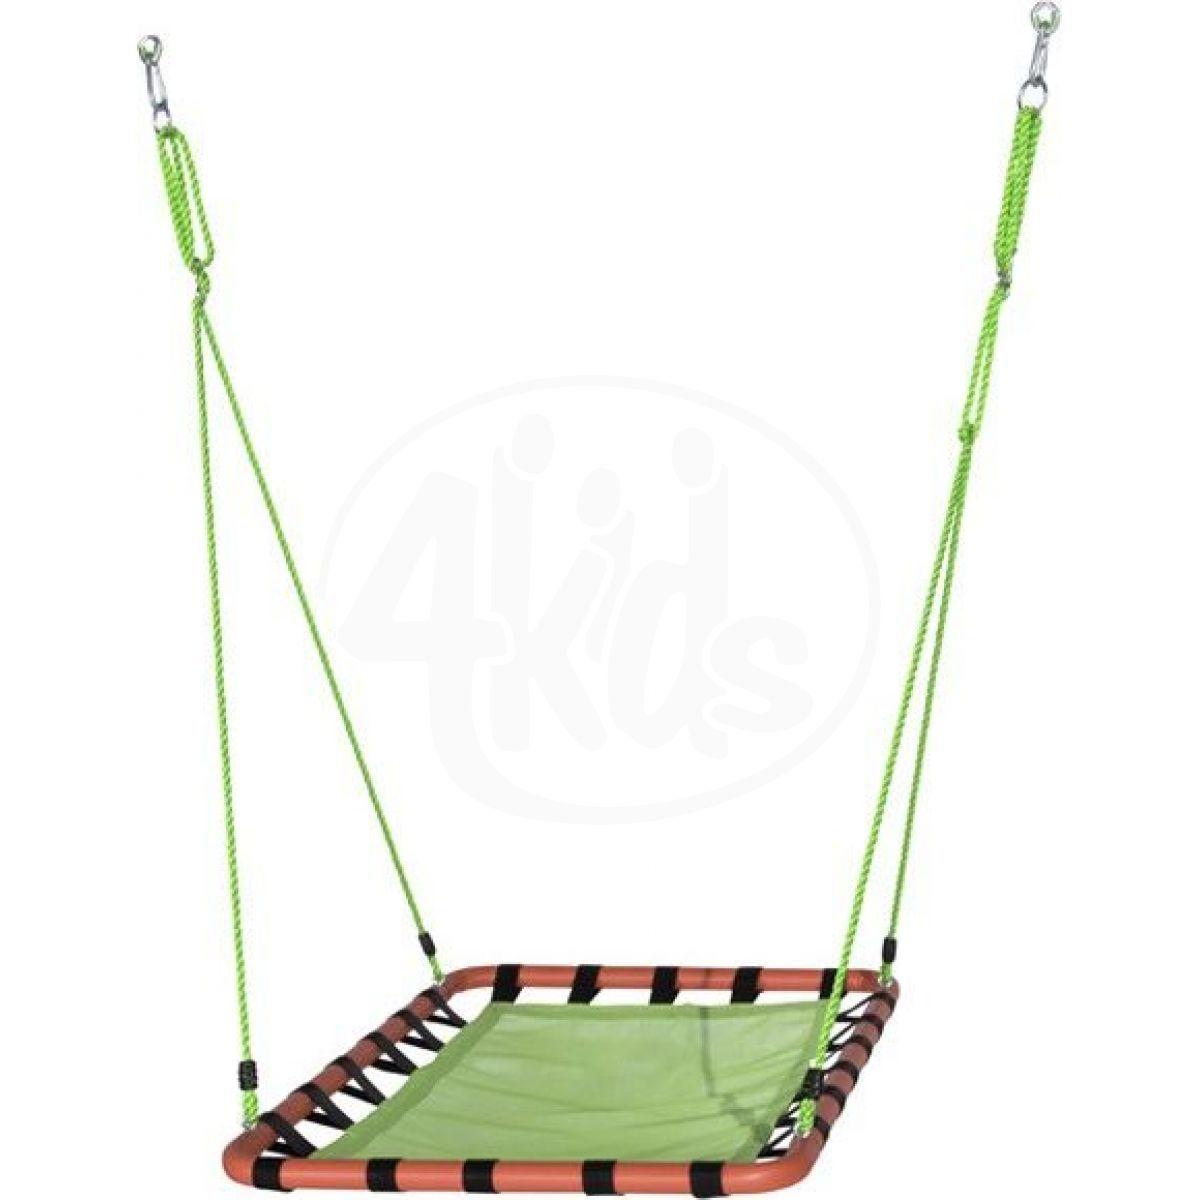 Trigano Relax létající koberec zavěšený